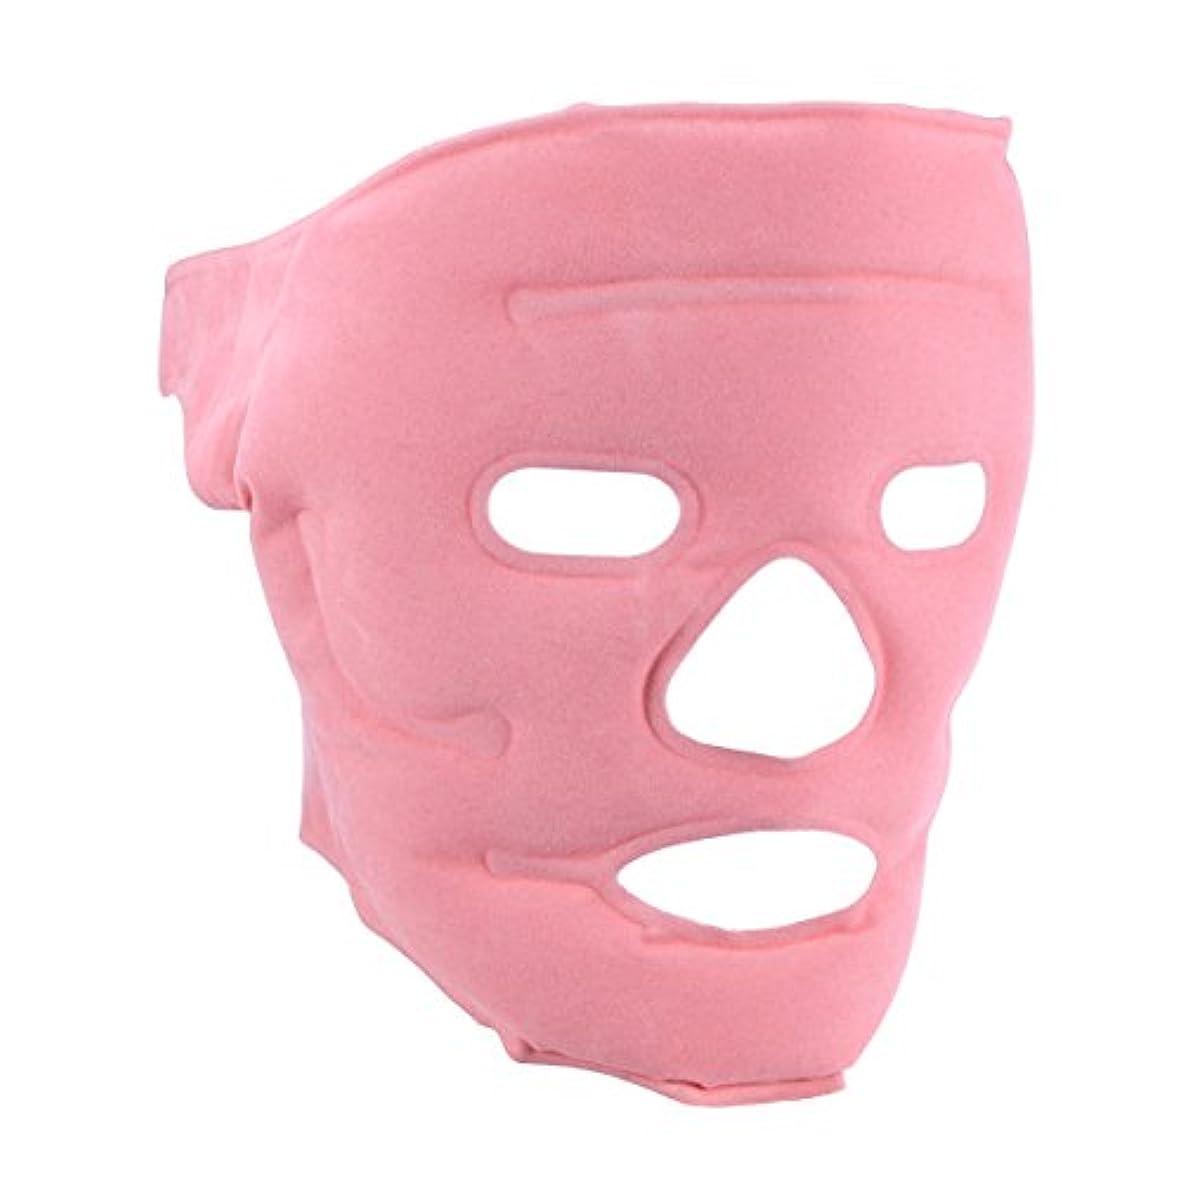 モットー故障中治安判事HEALLILY ジェルアイスフェイスマスク美容フェイスリフティングマッサージフェイシャルマスク